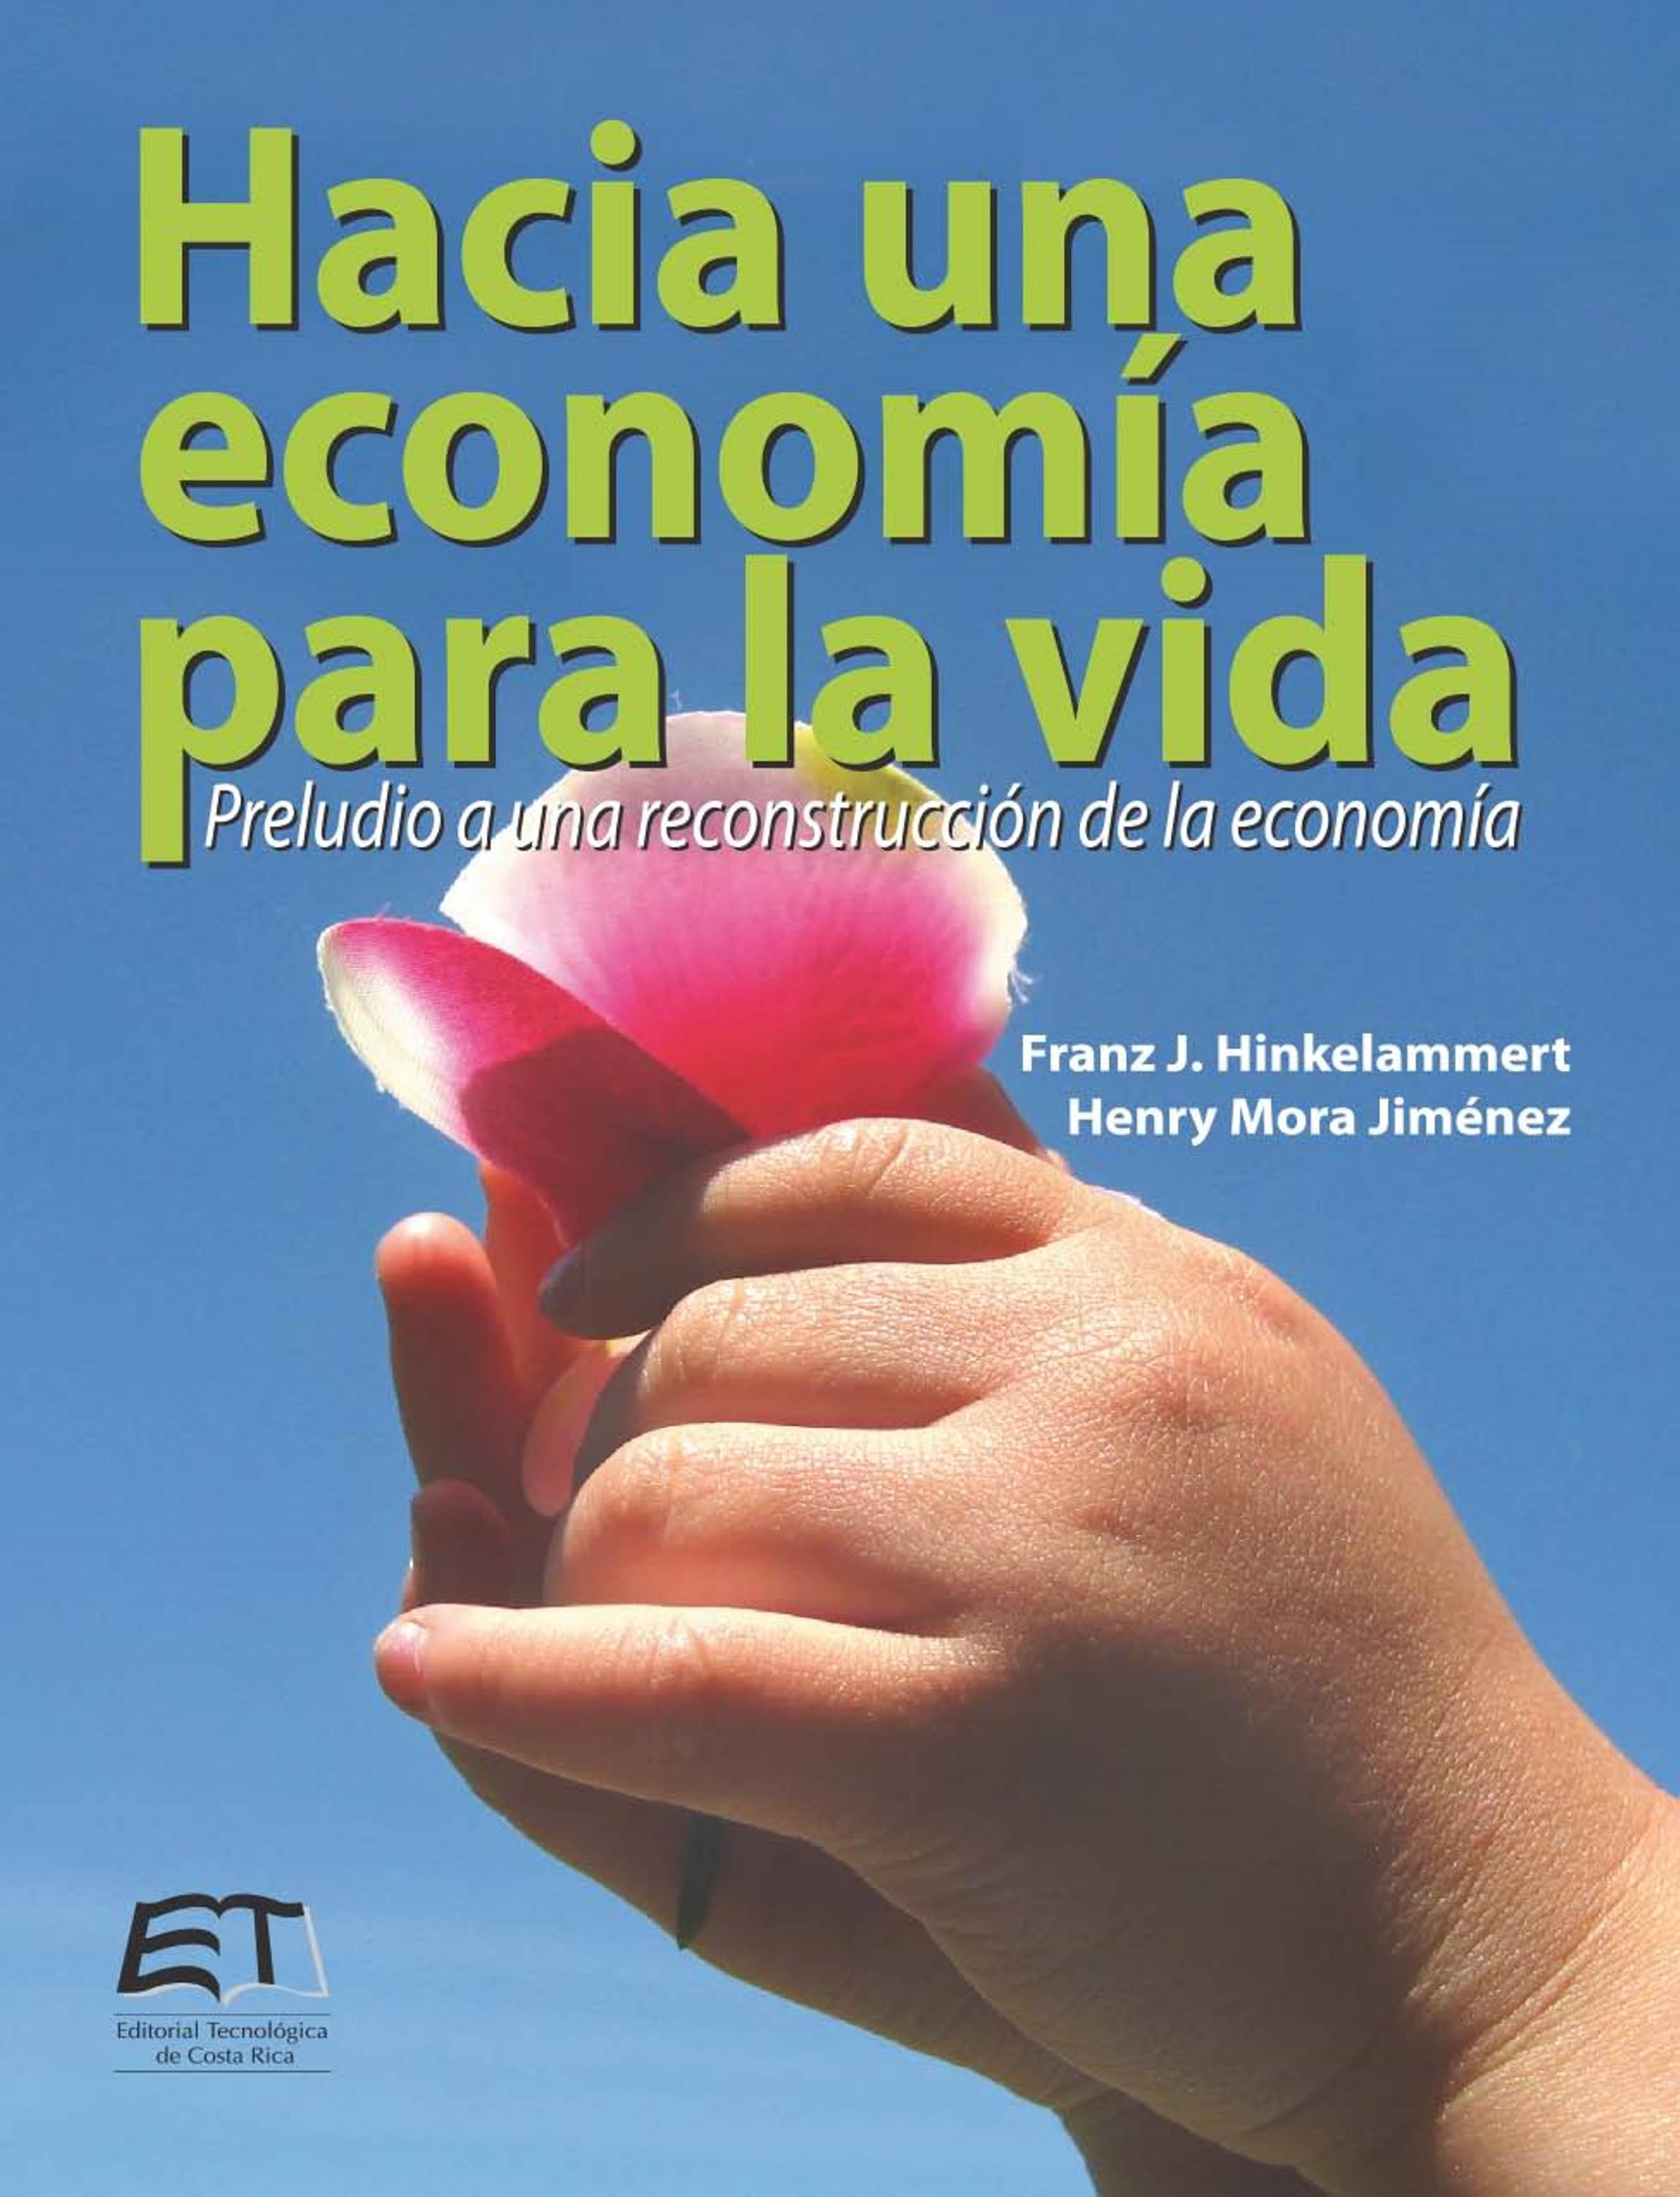 Franz Hinkelammert Hacia una economía para la vida. Preludio a una reconstrucción de la economía concepcion gonzalez una nueva vida